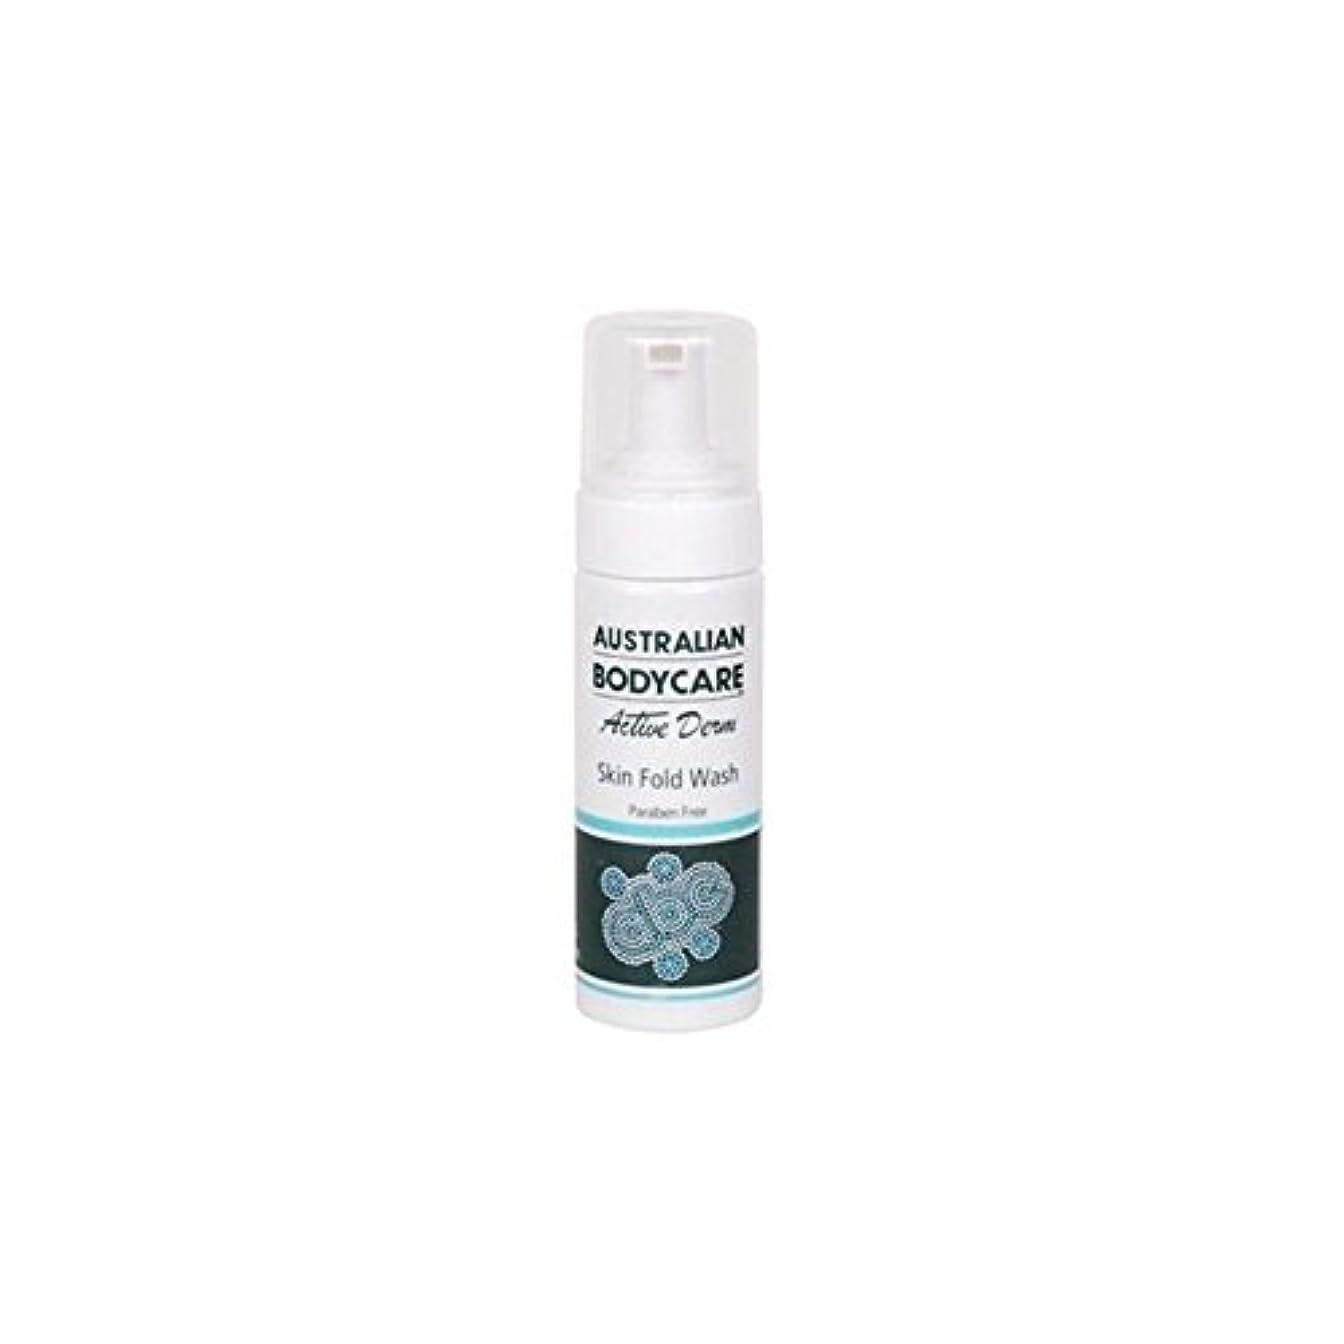 グレートバリアリーフ砂のアルカトラズ島Australian Bodycare Active Derm Skin Fold Wash (150ml) (Pack of 6) - オーストラリアのボディケアアクティブダームの皮膚のひだの洗浄(150ミリリットル)...